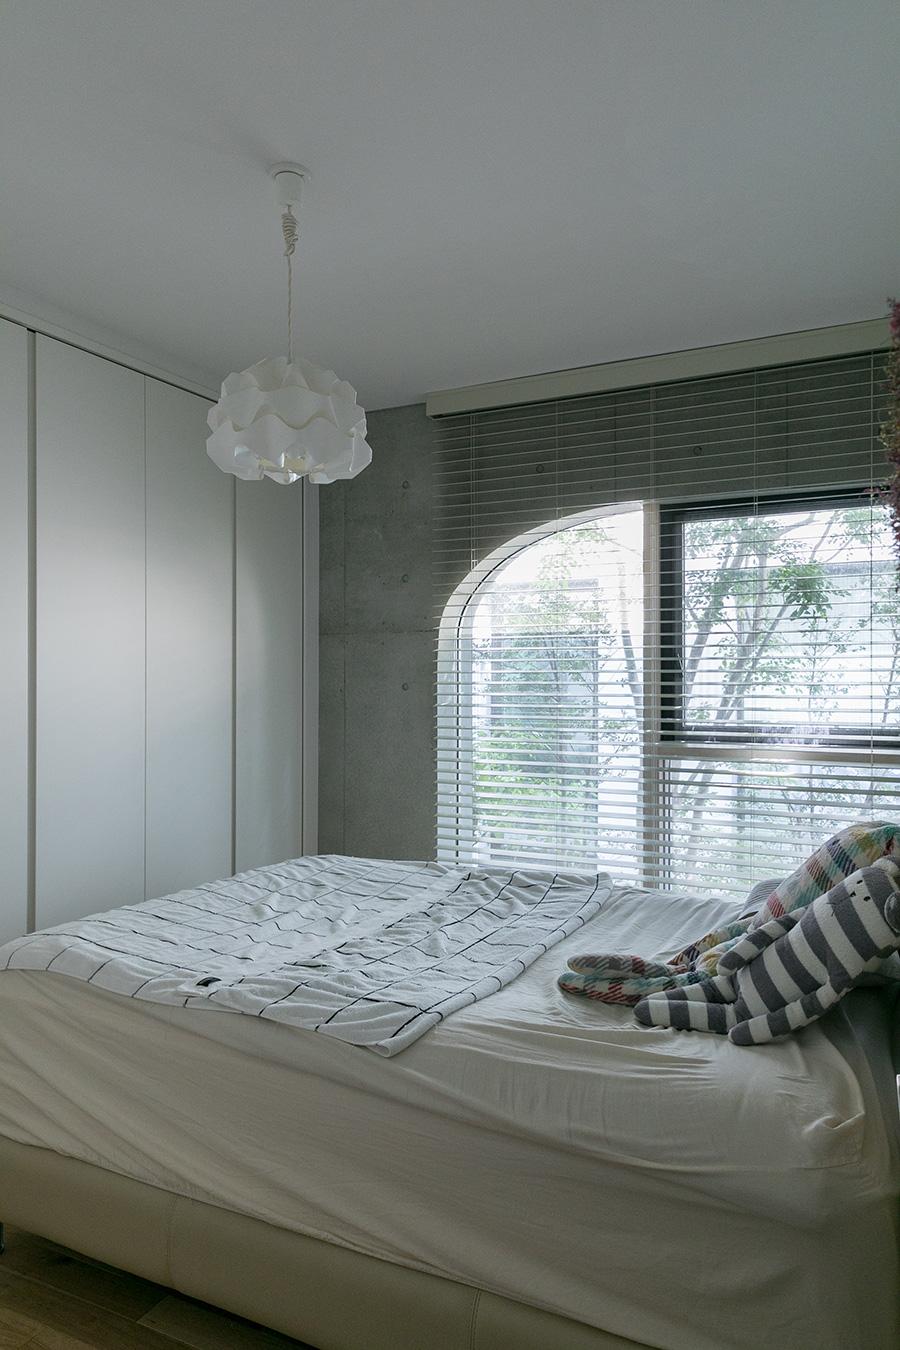 コーポラティブハウス共通の意匠である曲線の窓が優美な曲線を描くベッドルーム。